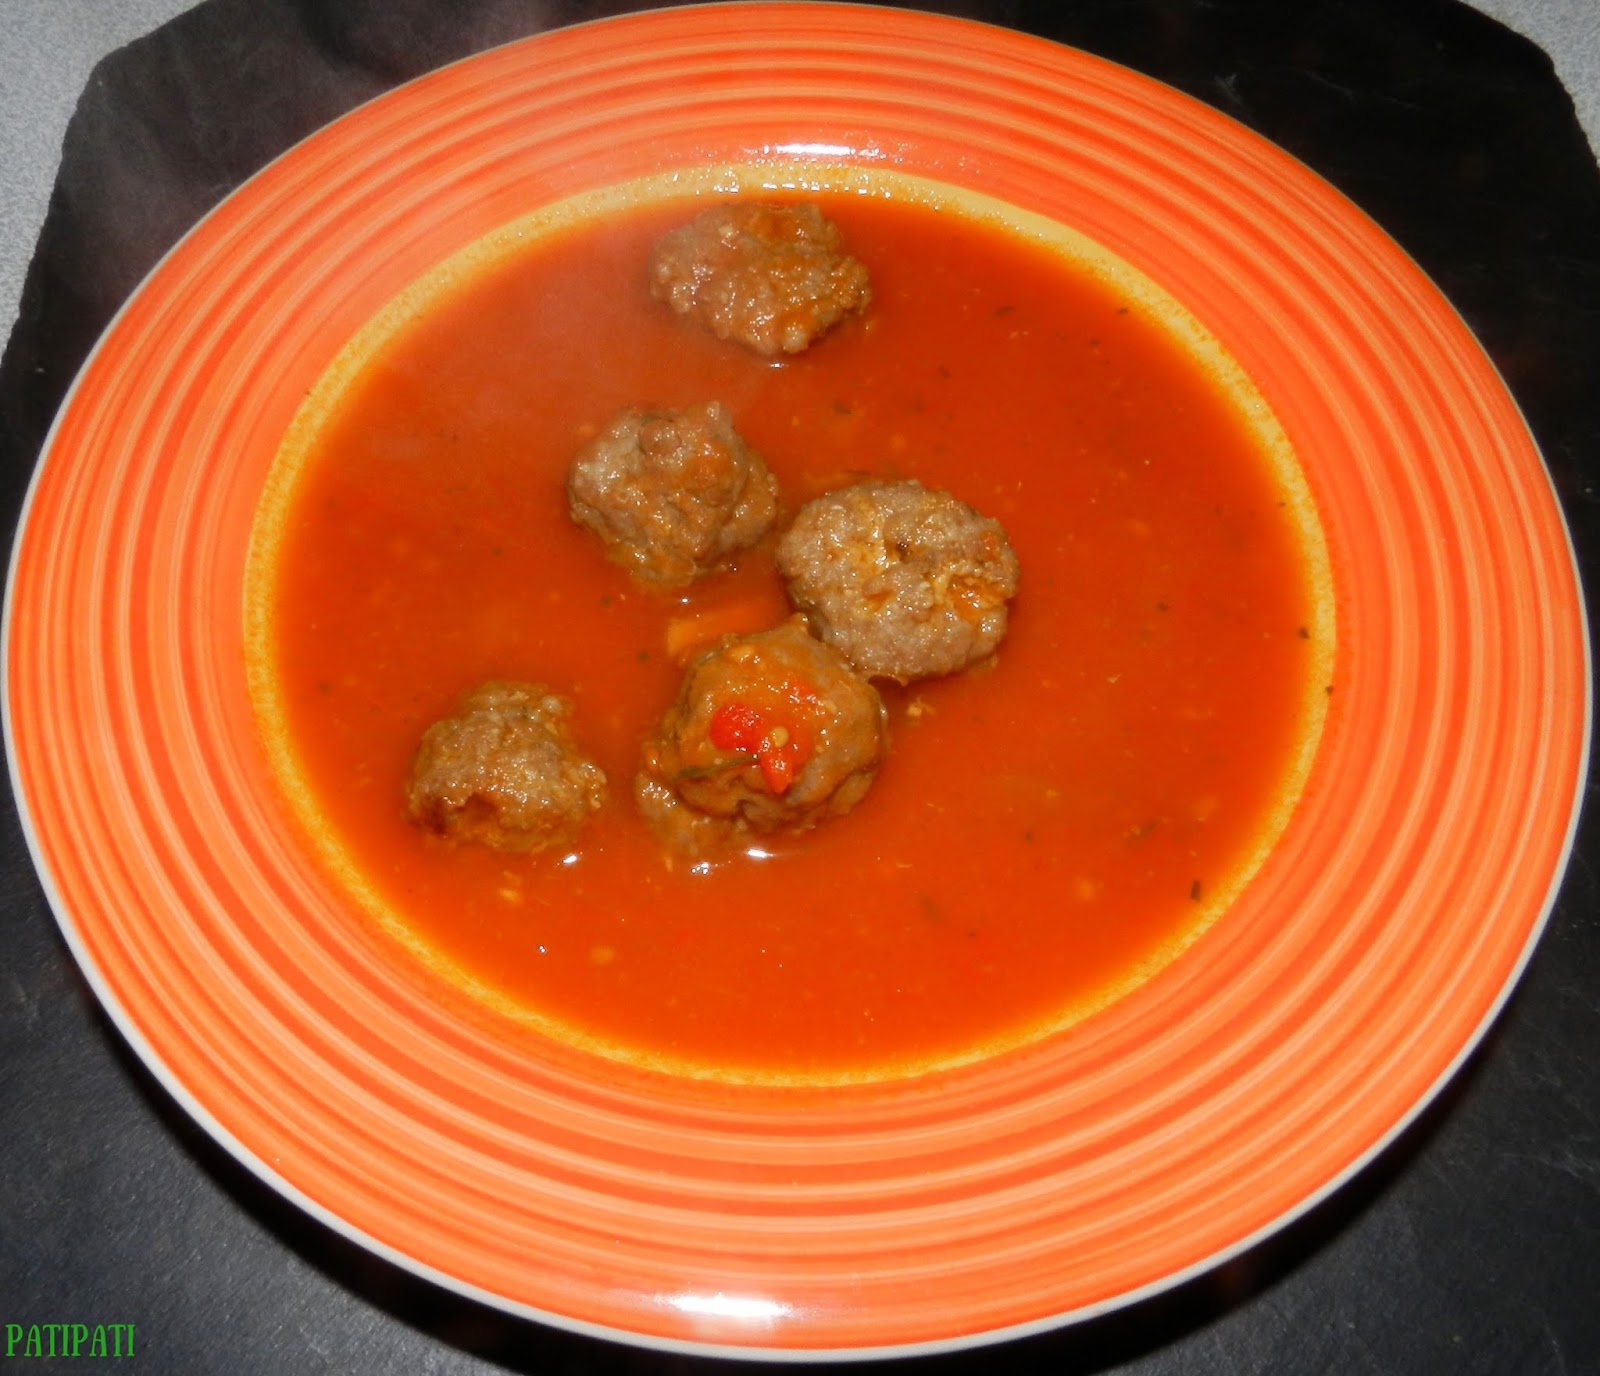 patipati cuisinons pour le plaisir potage aux tomates et minis boulettes maison. Black Bedroom Furniture Sets. Home Design Ideas